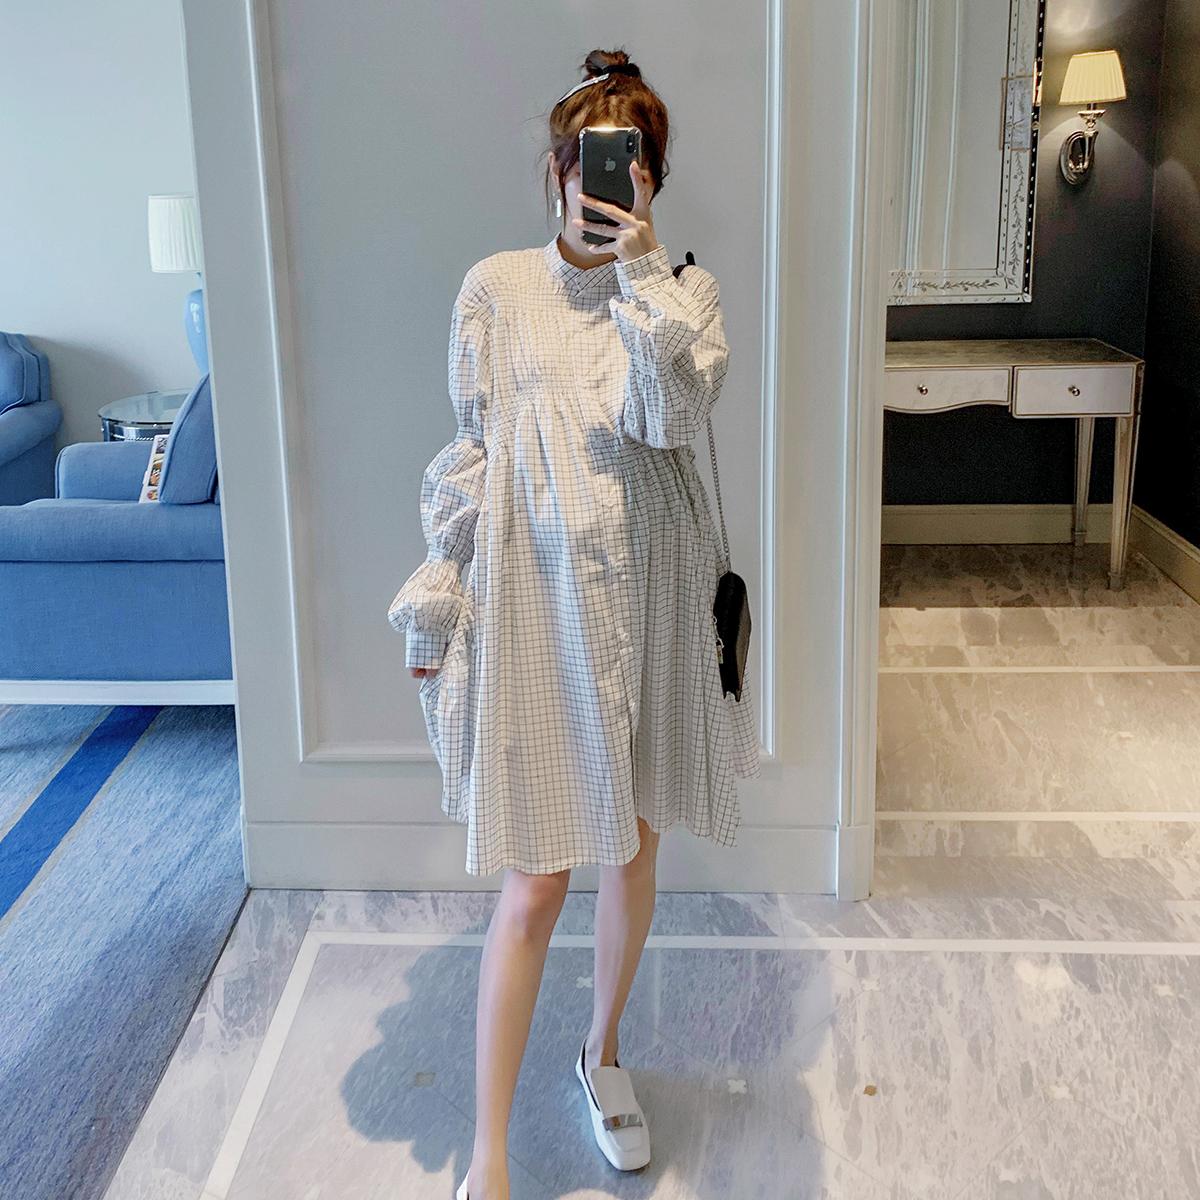 孕妇连衣裙喂奶秋季装2019新款时尚宽松韩版格子中长款哺乳衬衫裙